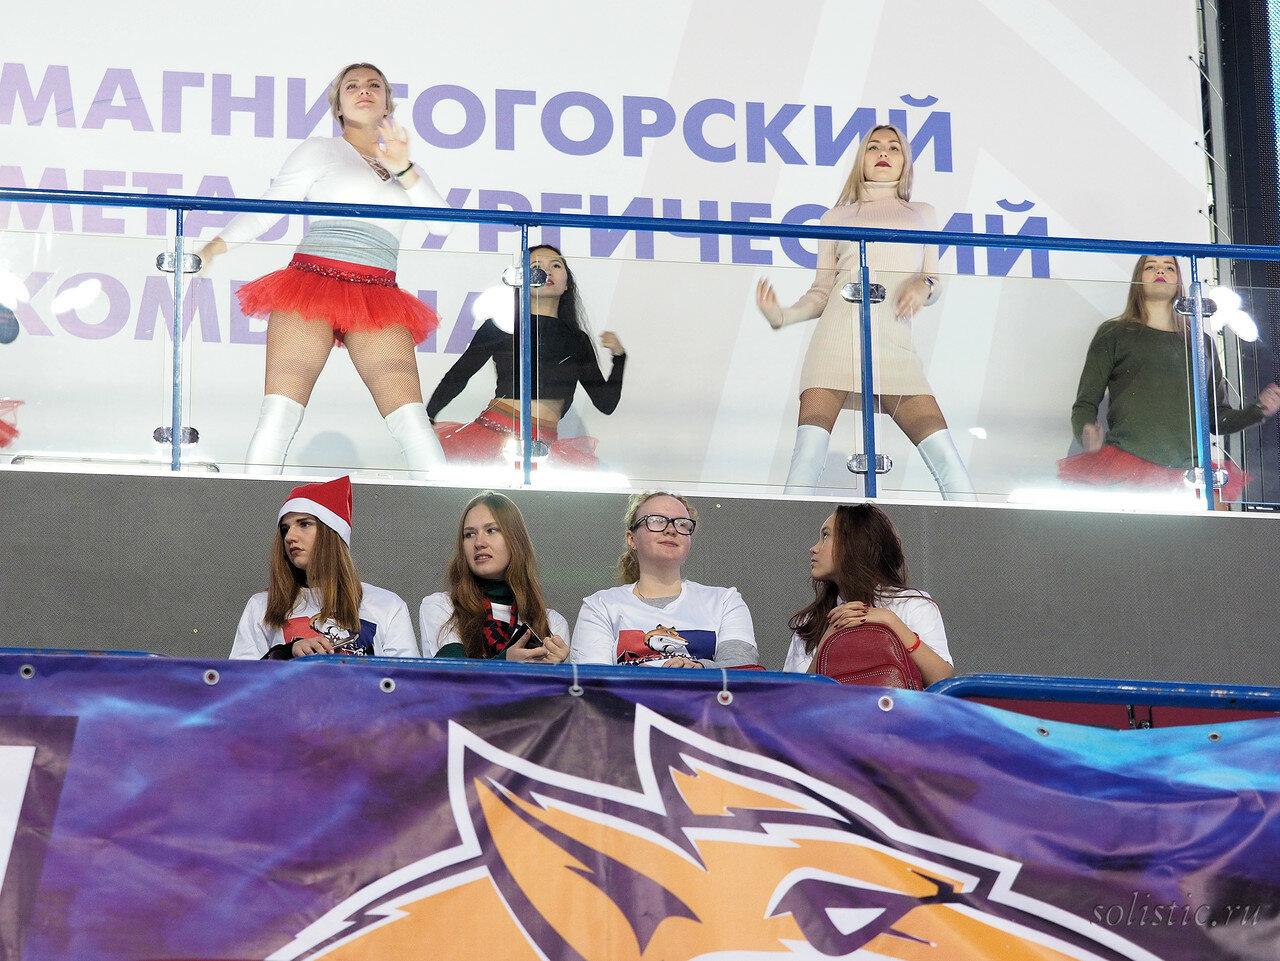 33 Металлург - Локомотив 05.01.2018